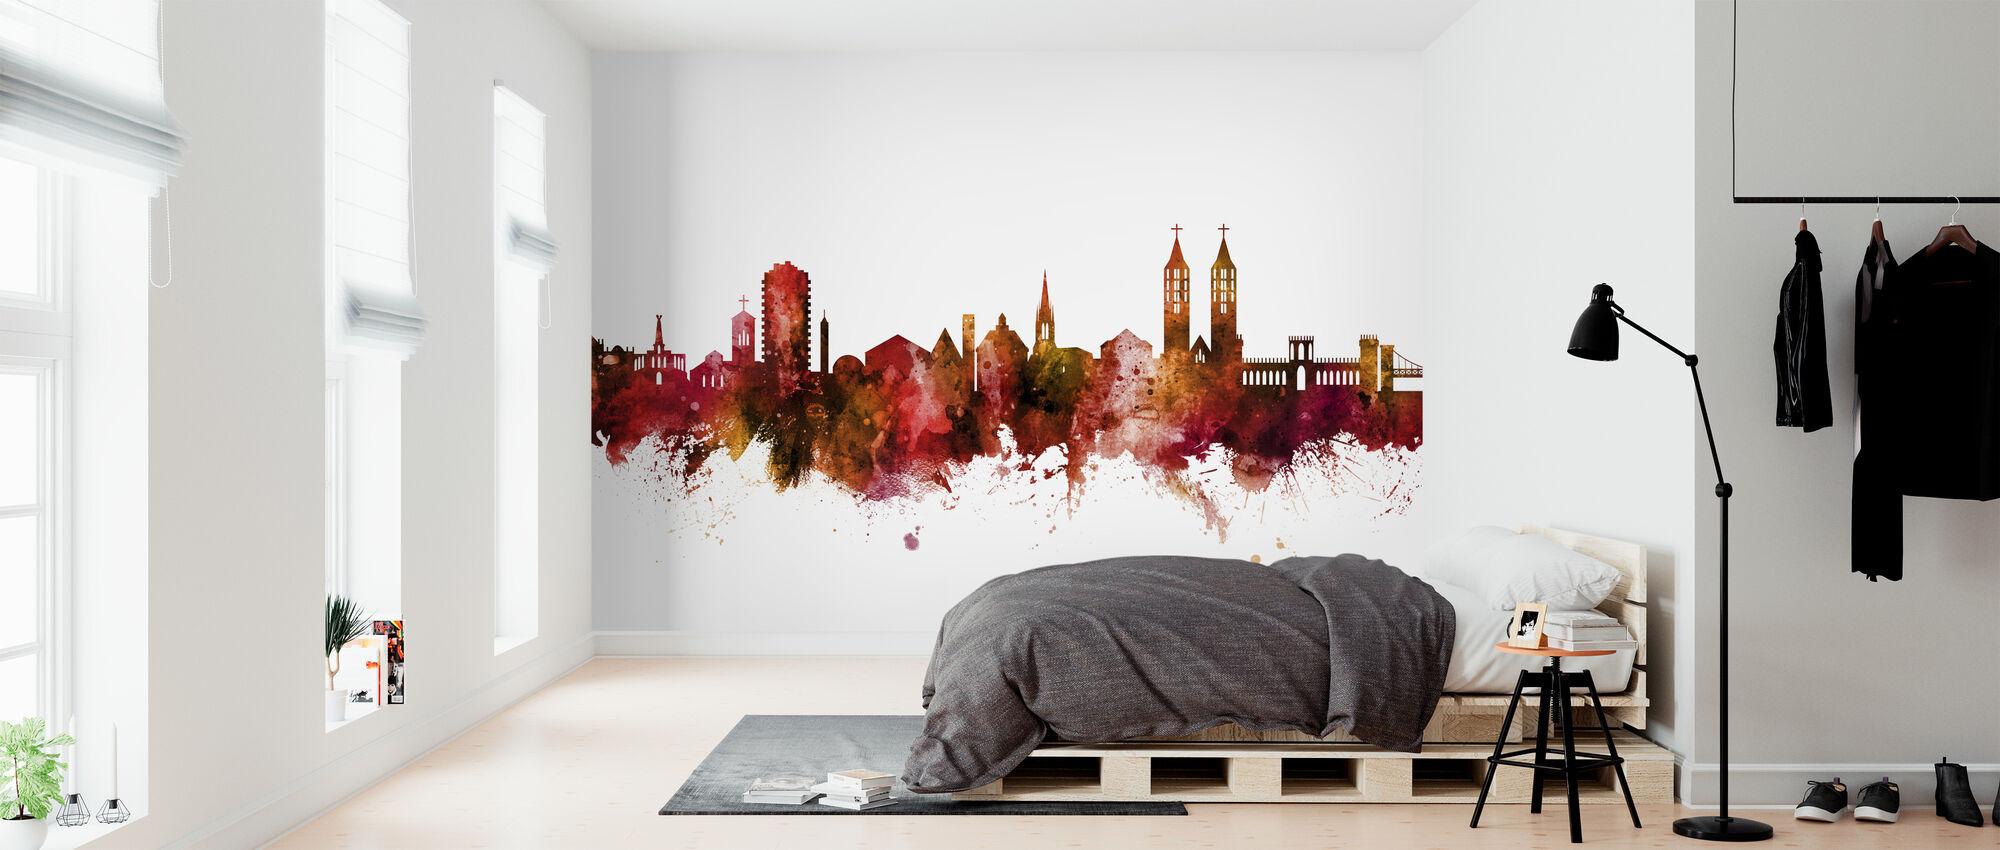 Kassel Germany Skyline - Wallpaper - Bedroom